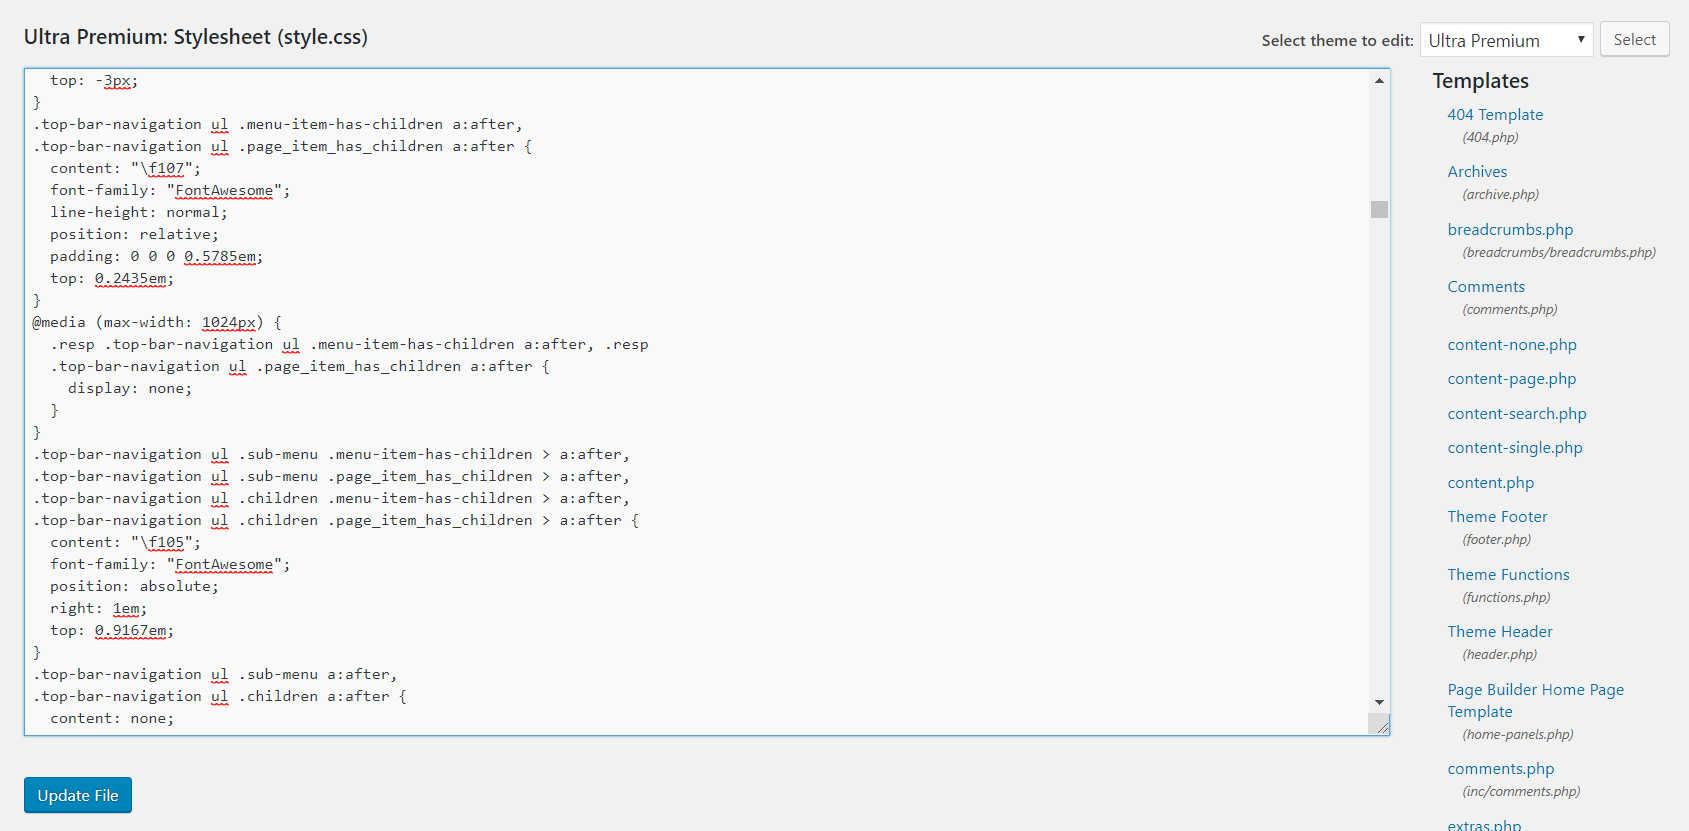 screenshot of wordpress stylesheet